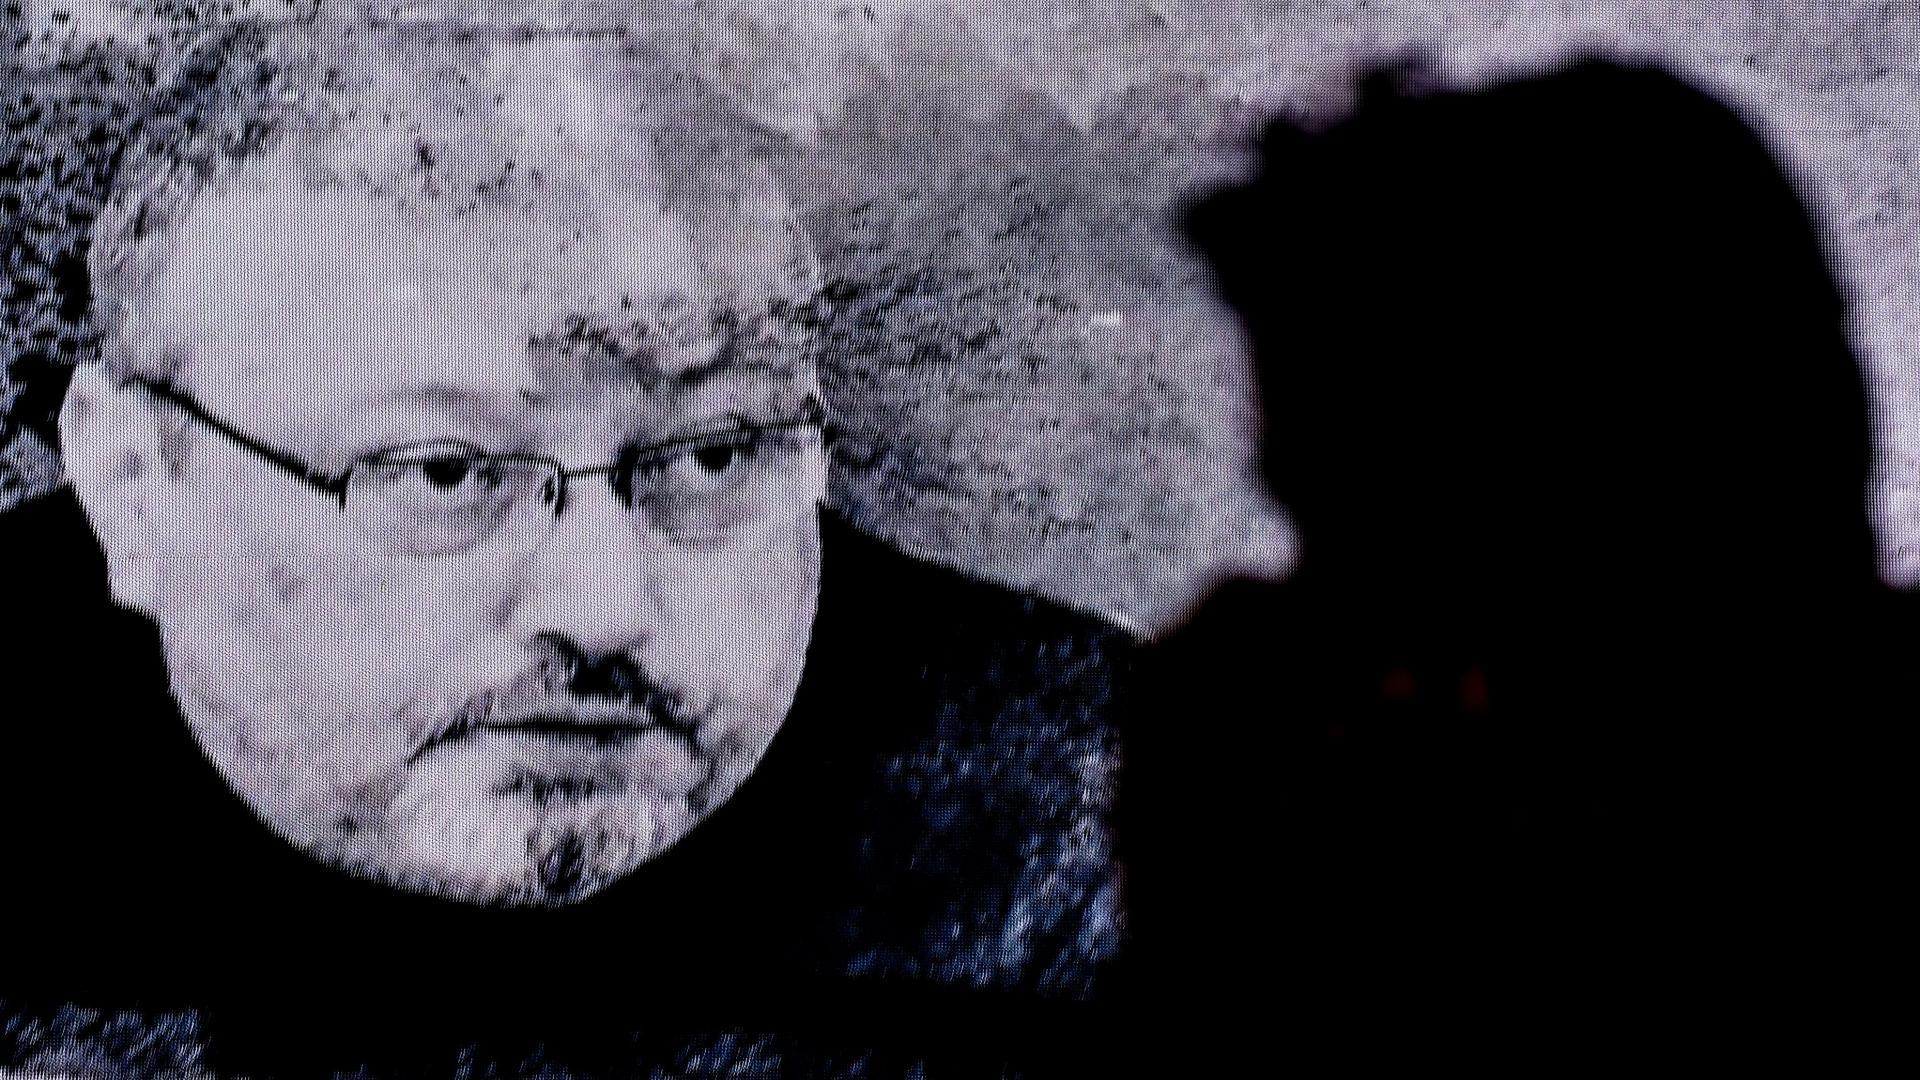 نتفلكس تسحب حلقة عن مقتل خاشقجي بالسعودية وتوضح السبب